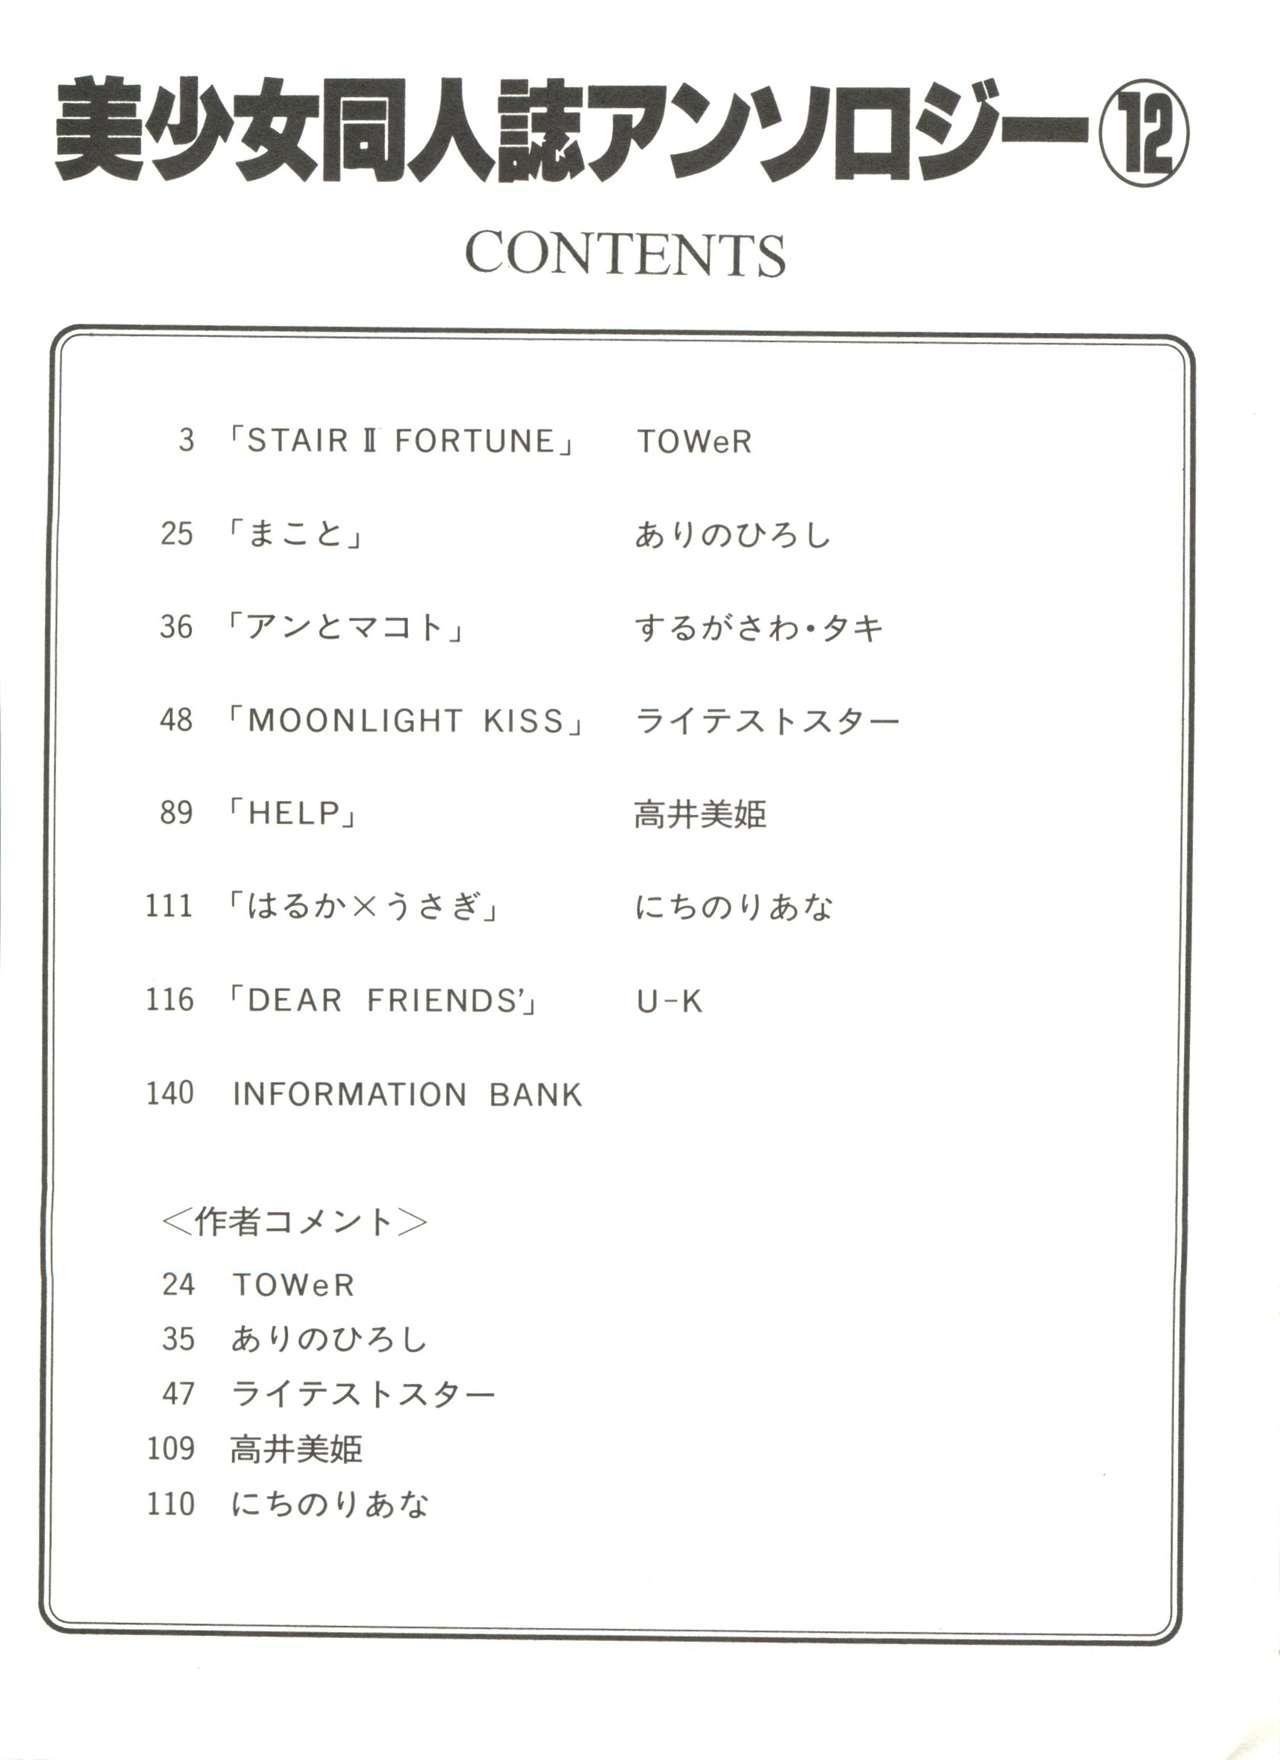 Bishoujo Doujinshi Anthology 12 - Moon Paradise 7 Tsuki no Rakuen 6